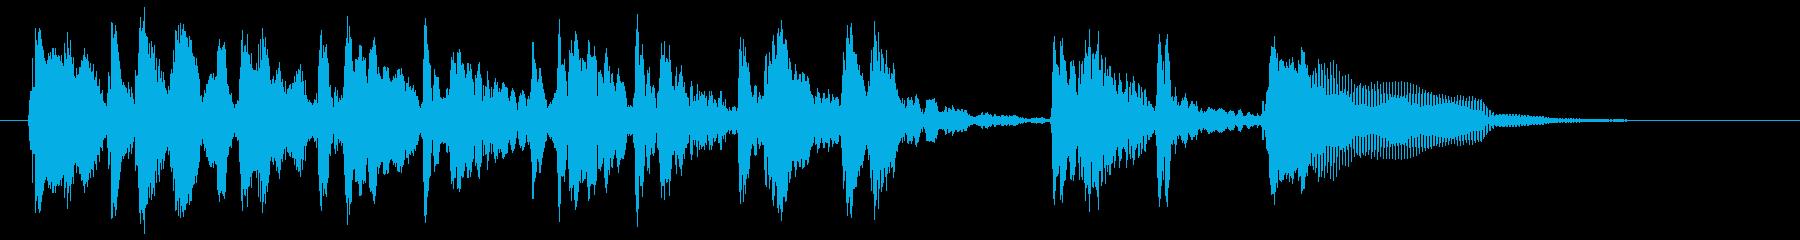 ウッドベースによるダンディなサウンドロゴの再生済みの波形